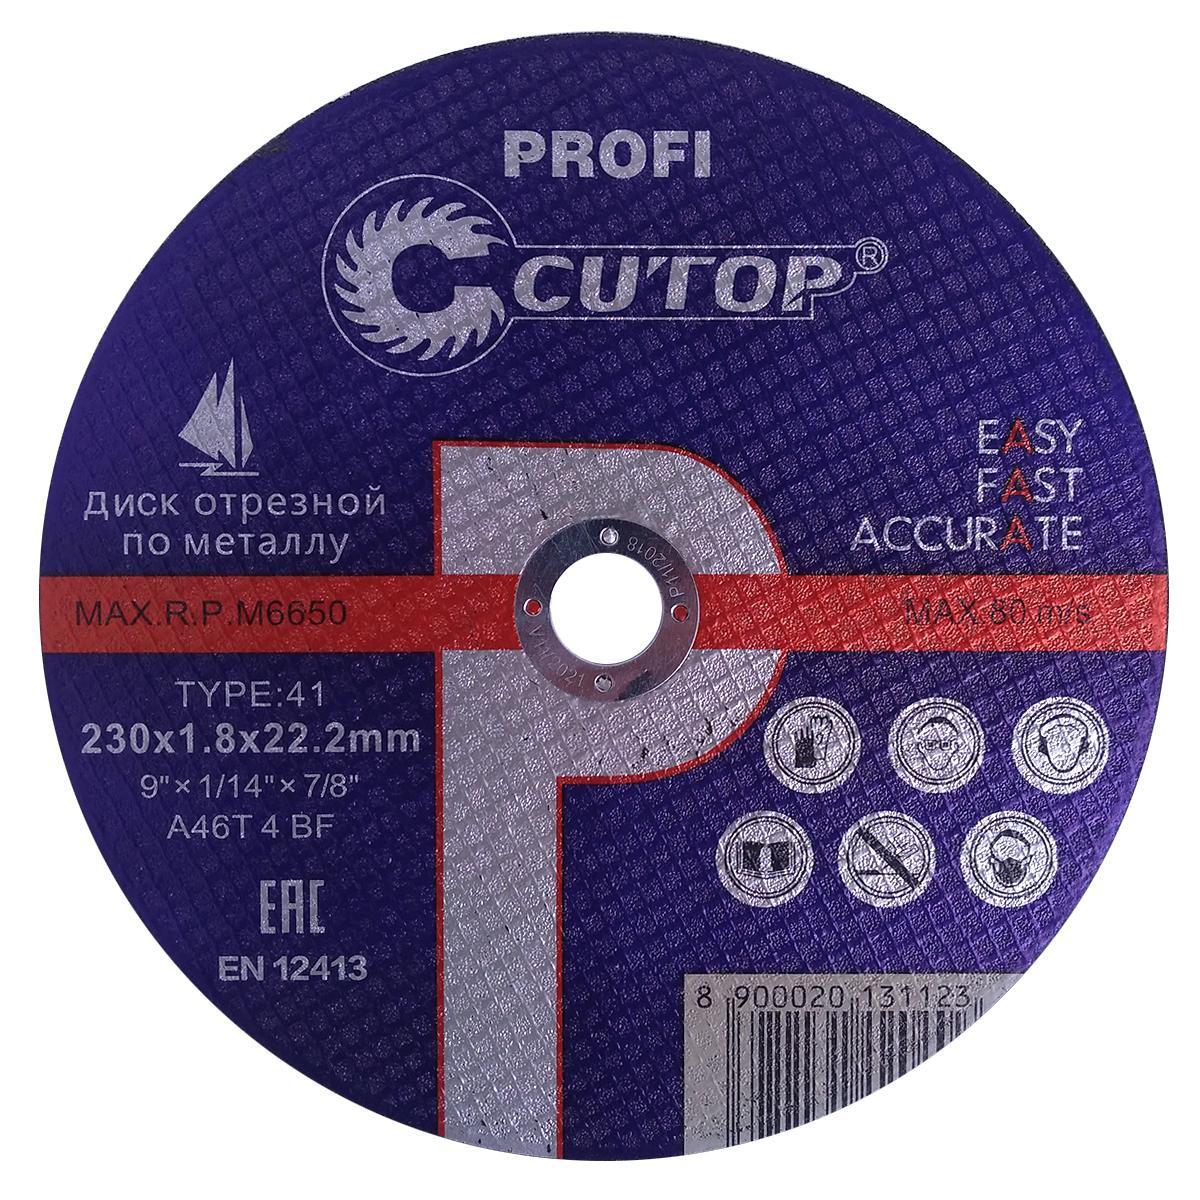 Круг отрезной Cutop 39982т диск отрезной алмазный турбо 230x22 2 мм cutop 61 23030